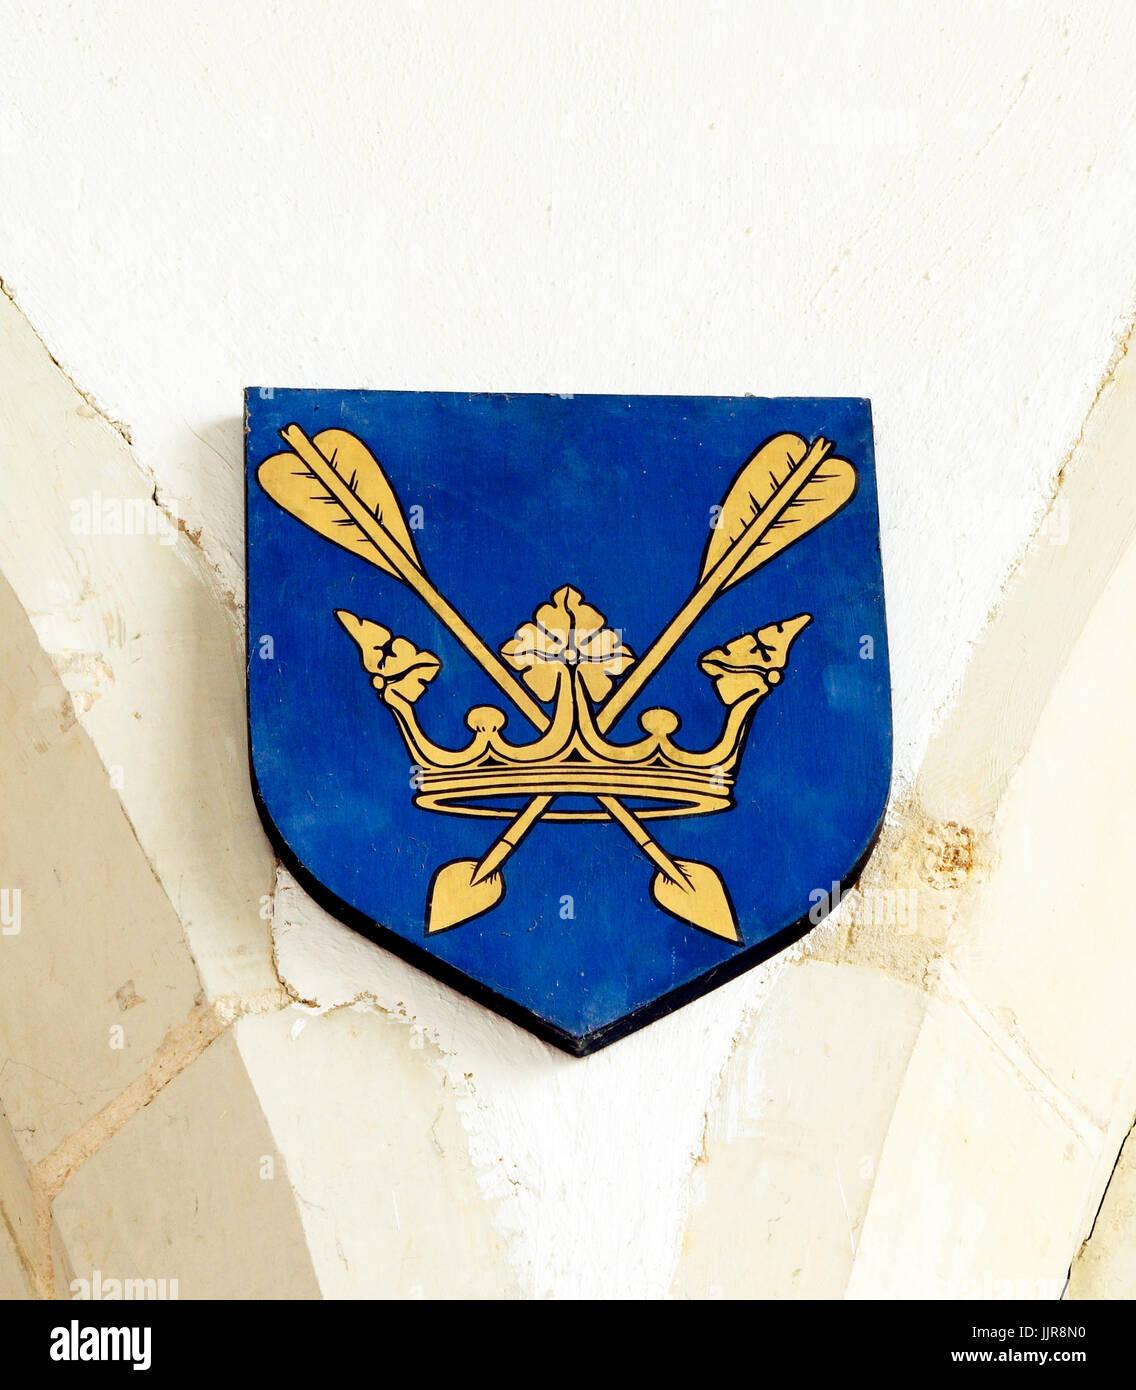 St. Edmund, King Edmund, emblem, Crown and Arrows, shield, Hillington, Norfolk, England, UK - Stock Image